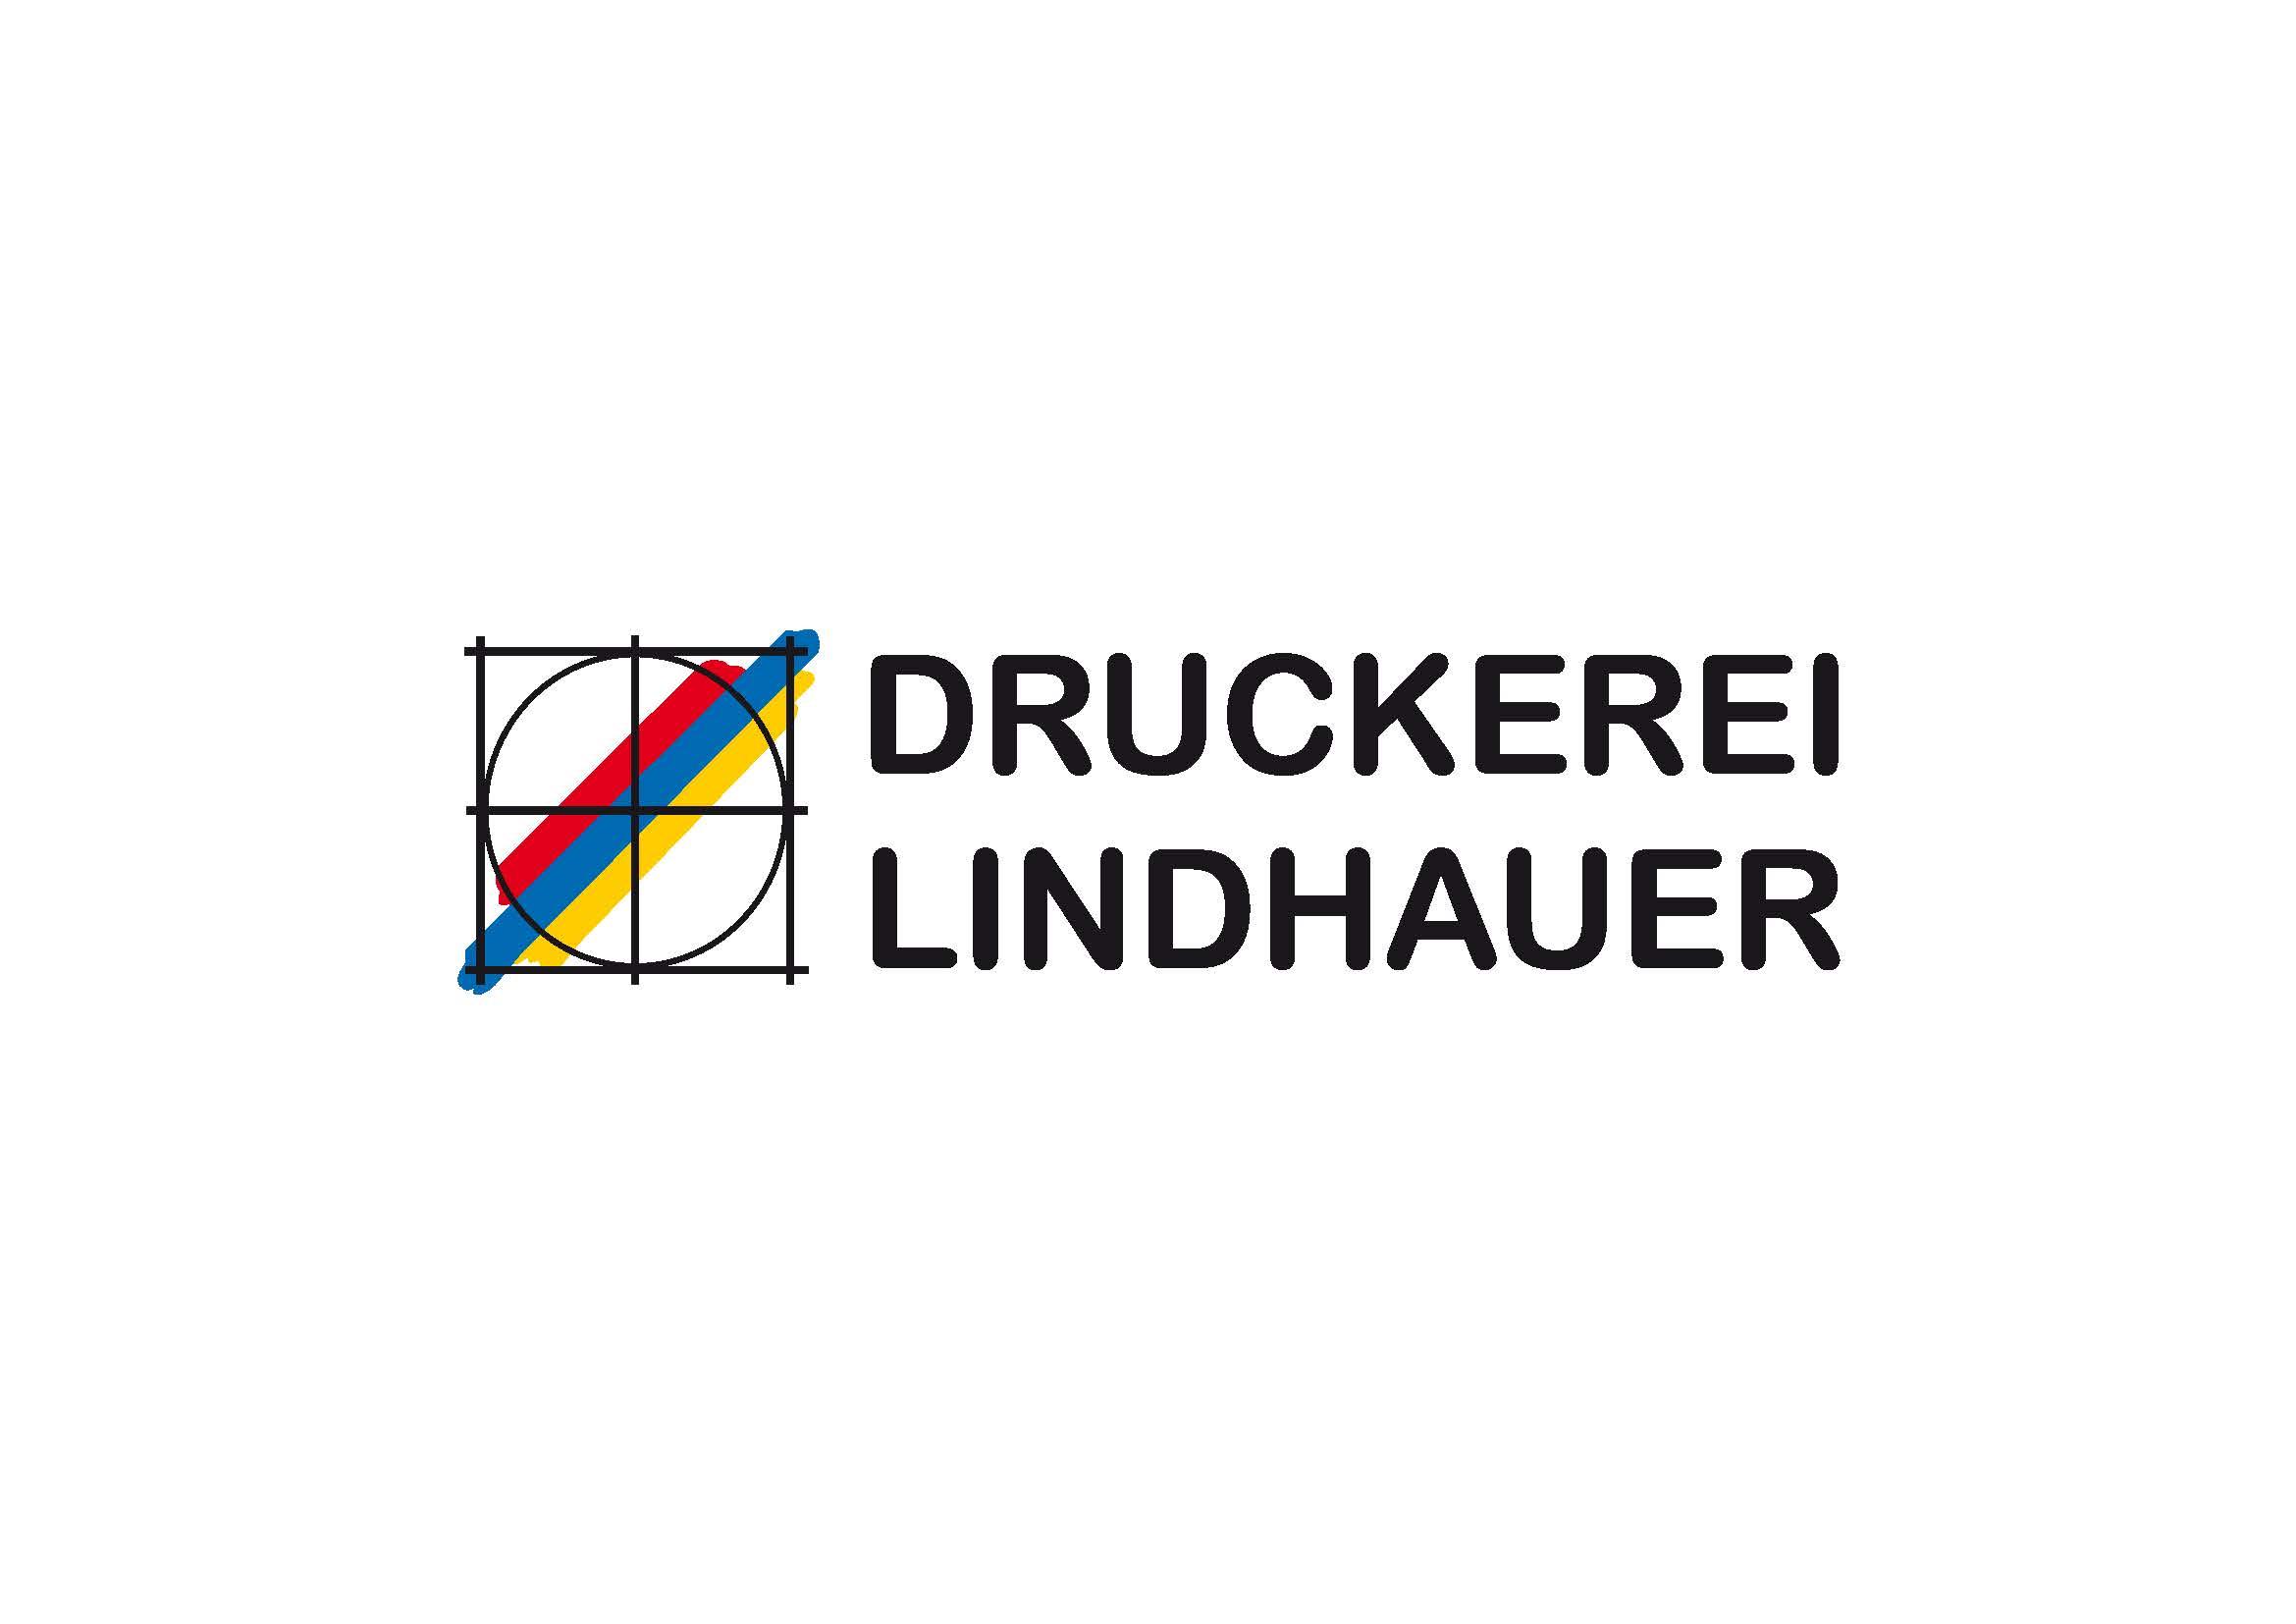 Druckerei_Lindhauer